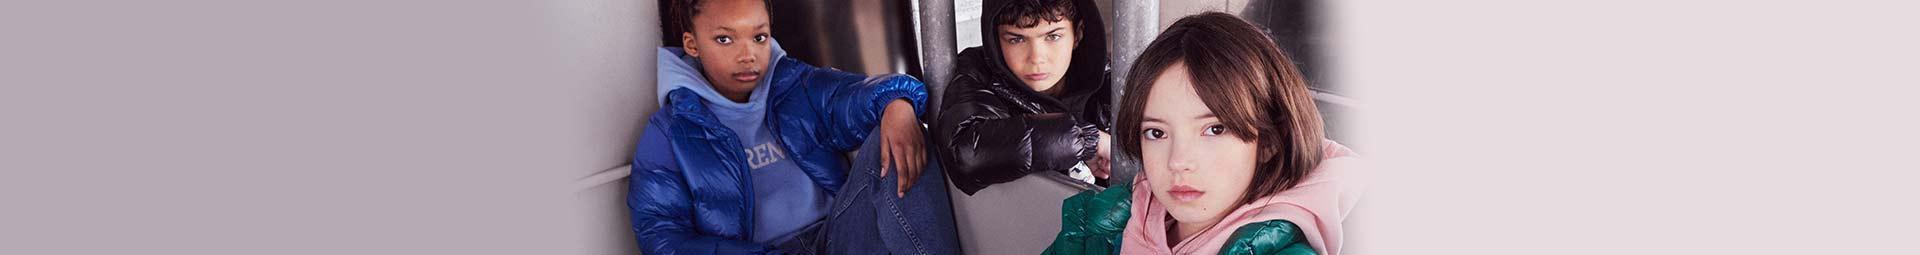 Collection mode enfant Pyrenex : Doudounes, Parkas et Coupe-vent pour enfants, fille ou garçon.